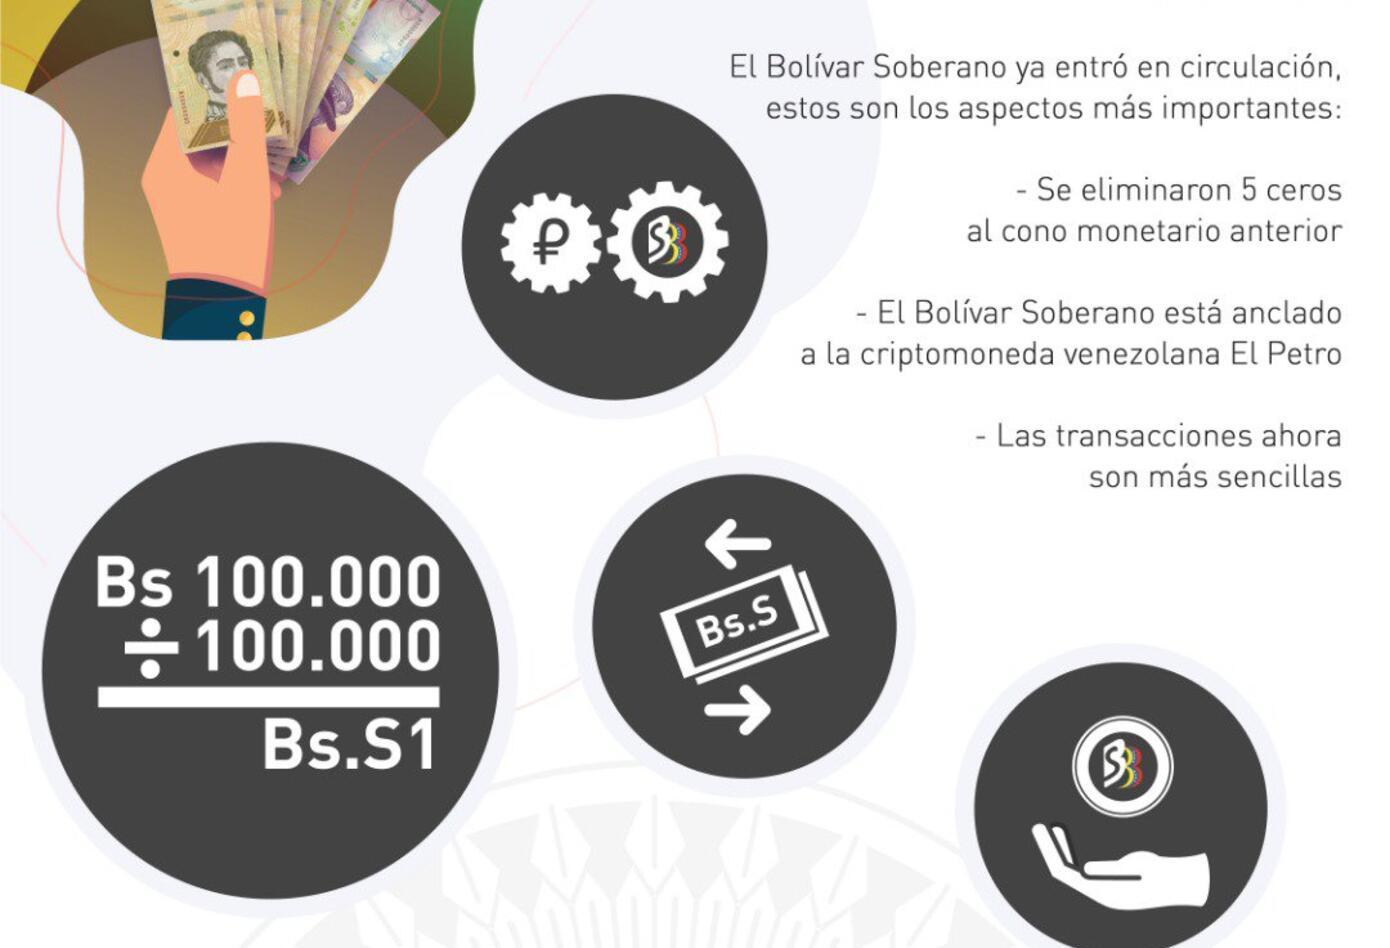 Bolívar soberano, el nuevo billete de los venezolanos